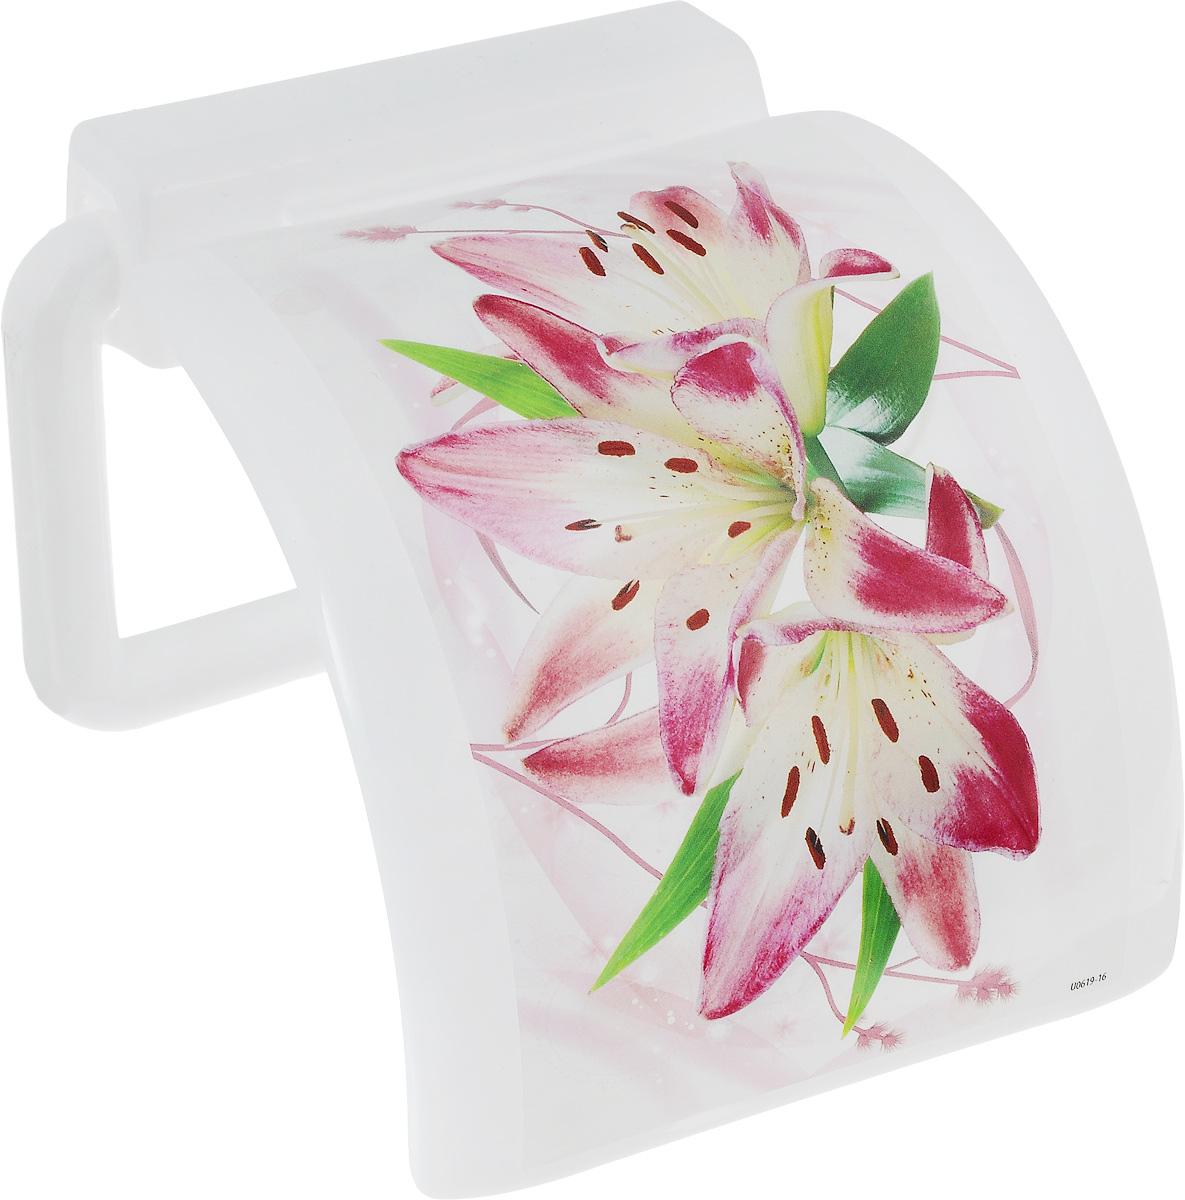 Держатель для туалетной бумаги Idea Деко. Лилия, с крышкой, цвет: белый, розовый, зеленыйRG-D31SДержатель для туалетной бумаги Idea Деко. Лилия изготовлен из прочного пластика и оснащен крышкой. На задней стенке изделия имеются 2 отверстия для подвешивания. Размер держателя: 15 х 13 х 9 см.